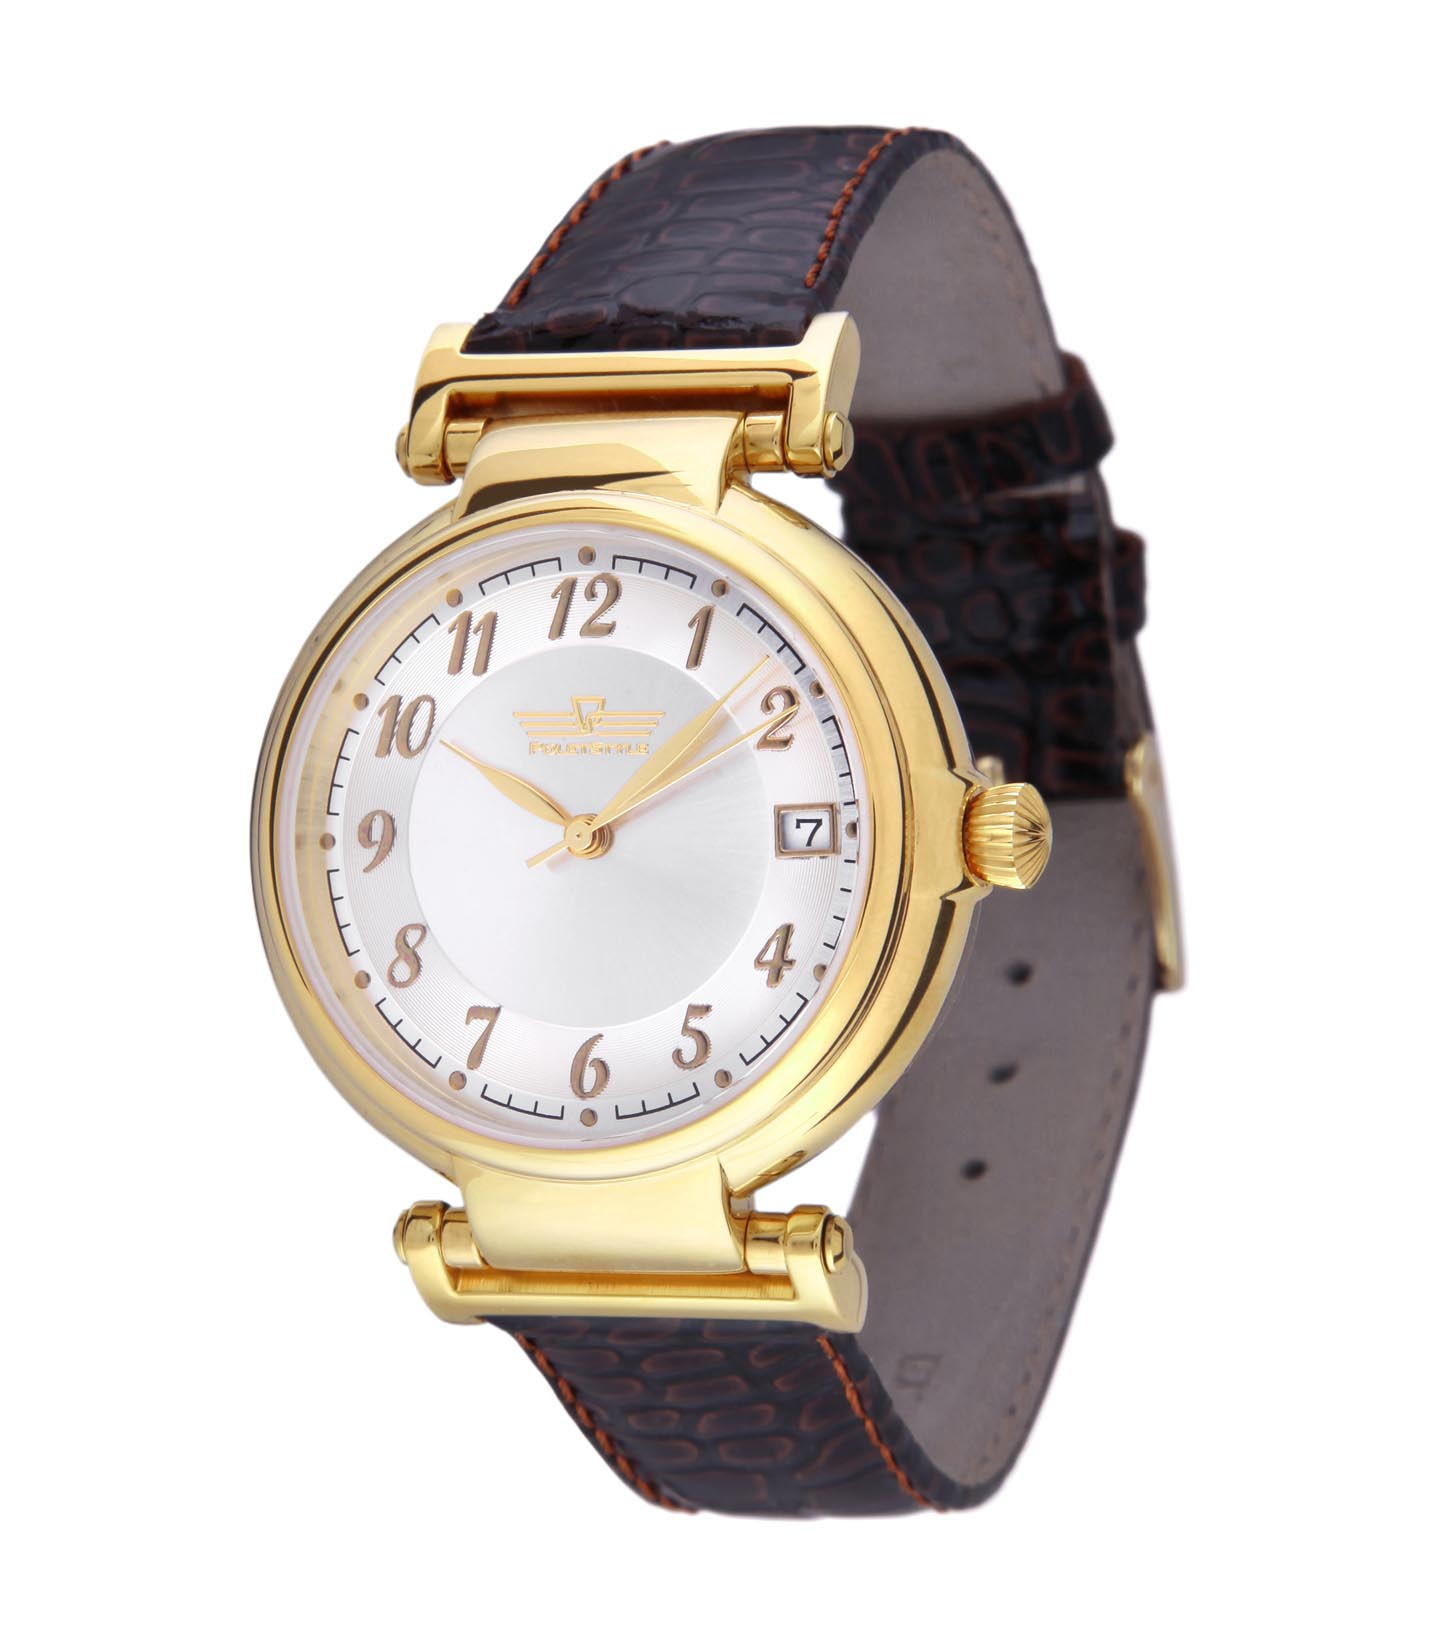 Наручные часы с советской символикой купить